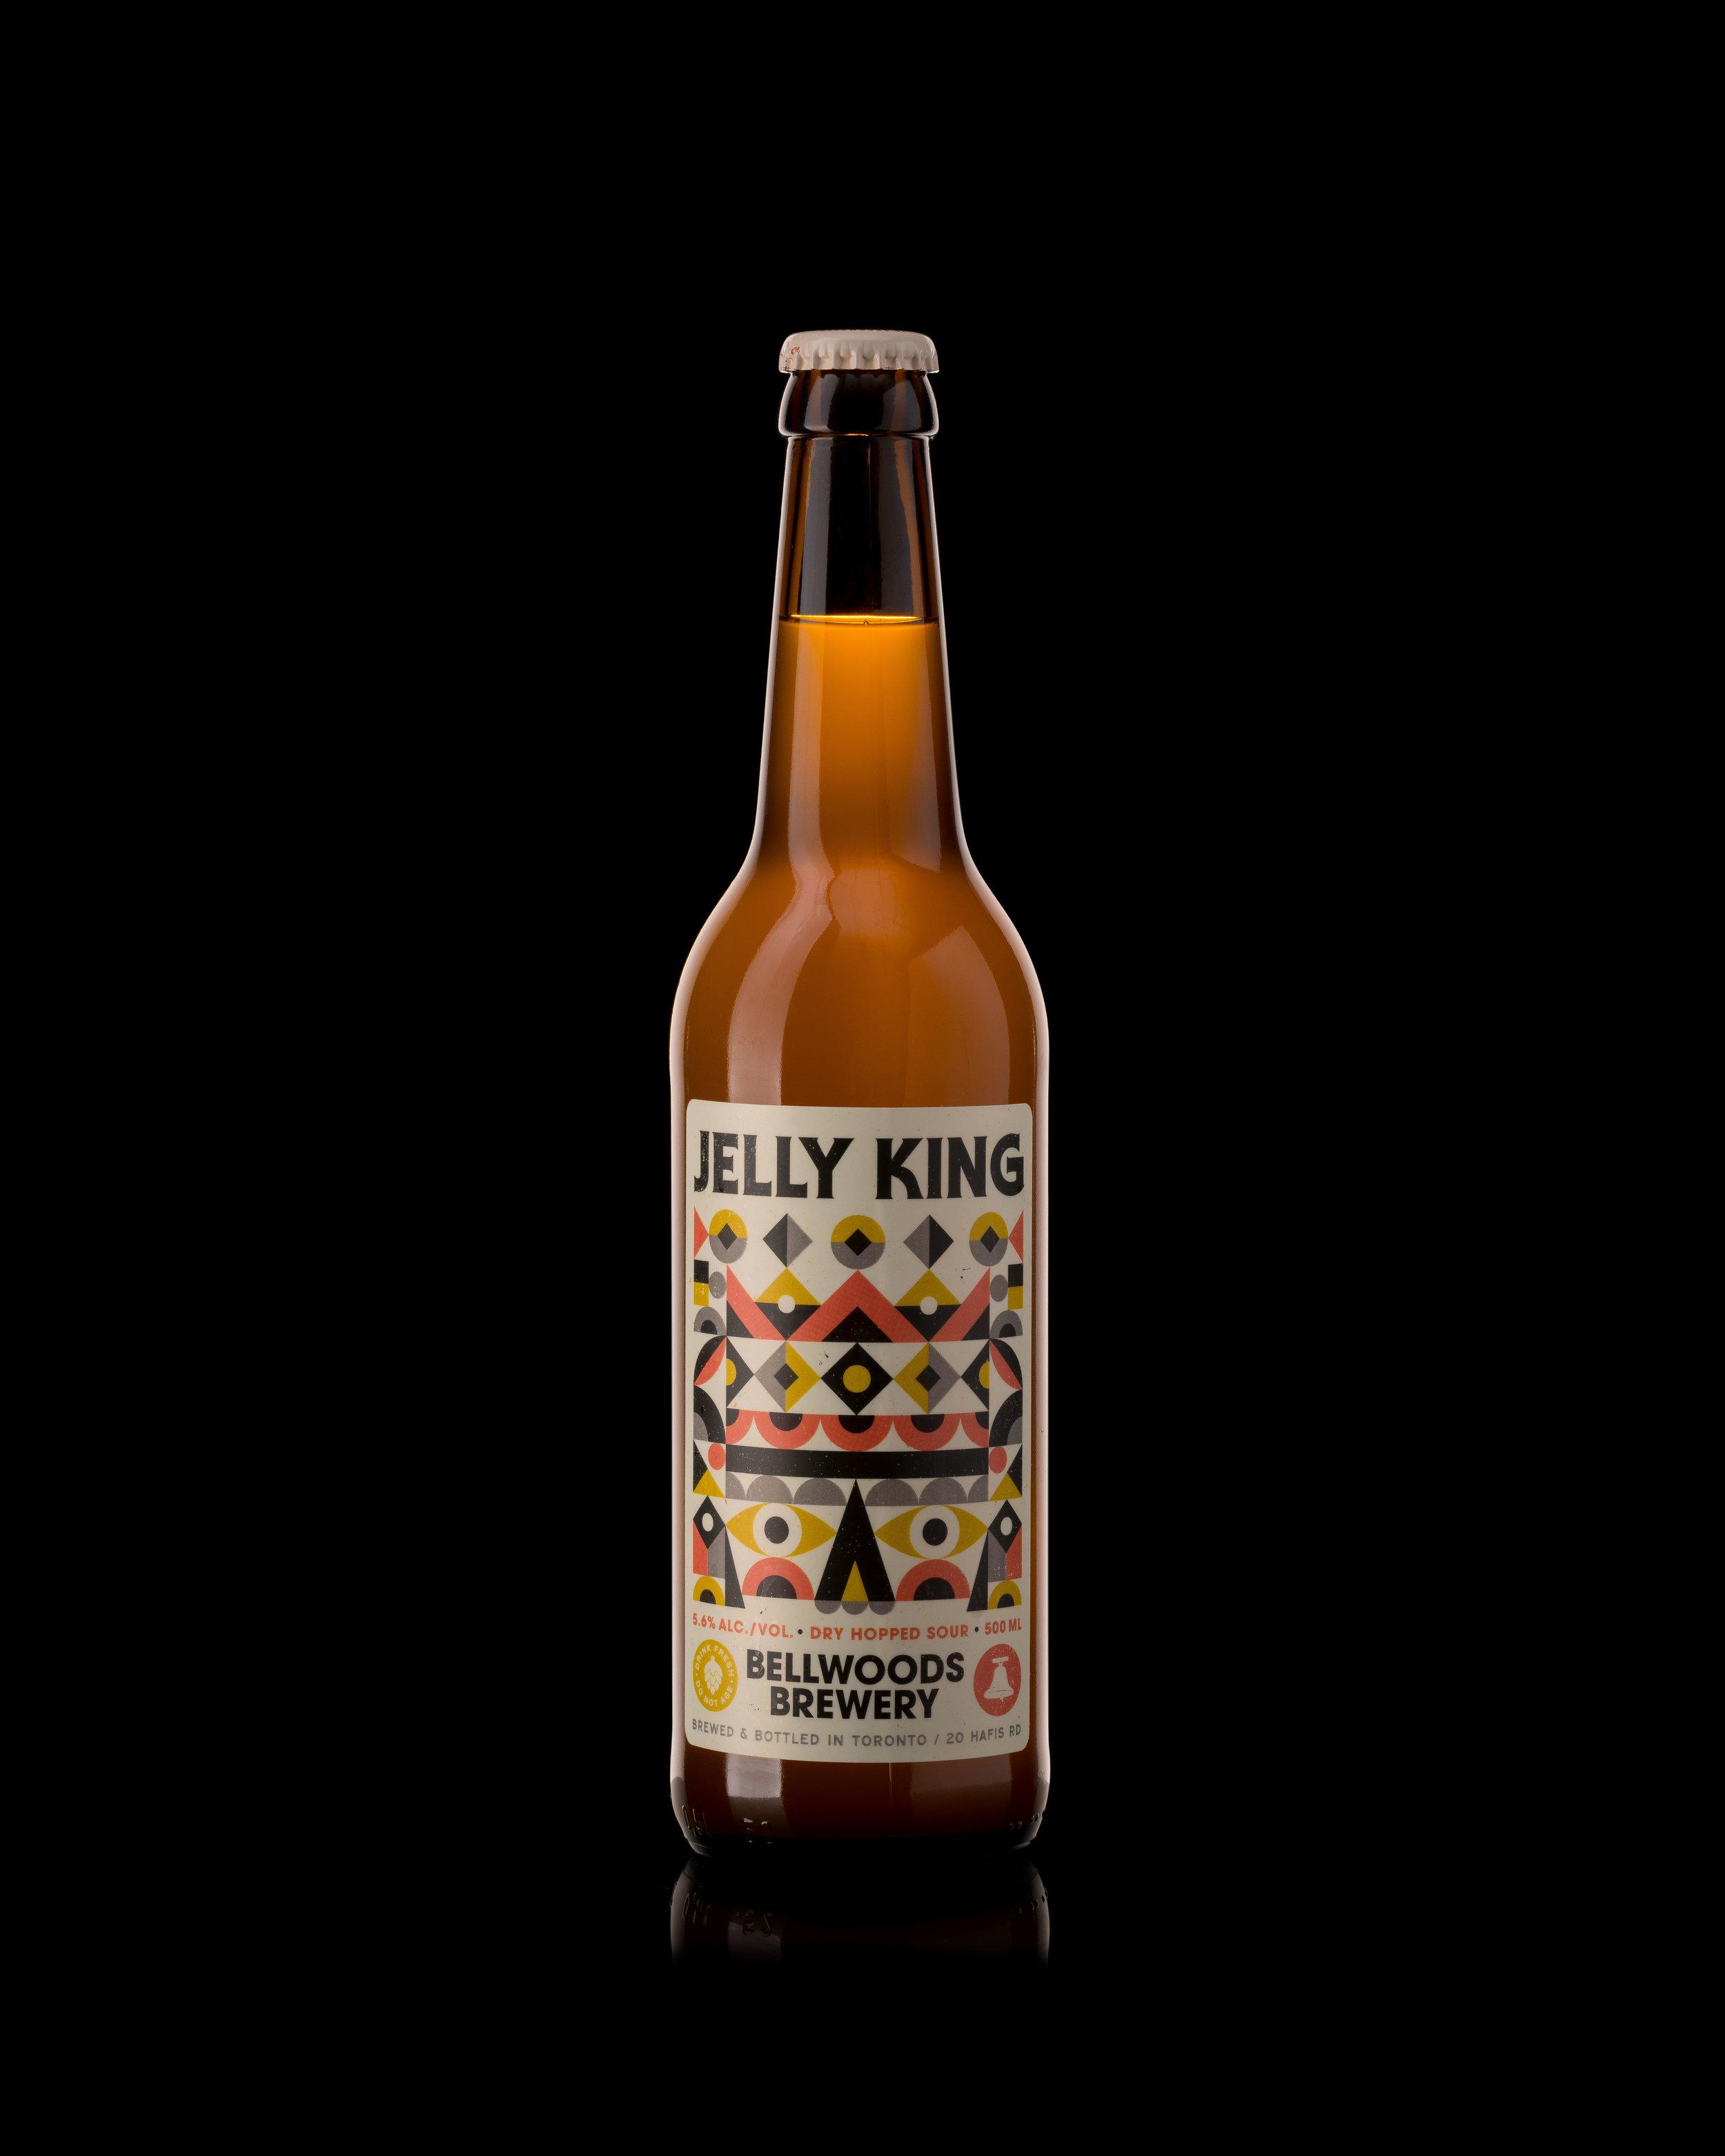 Bellwoods-JellyKing-2.jpg